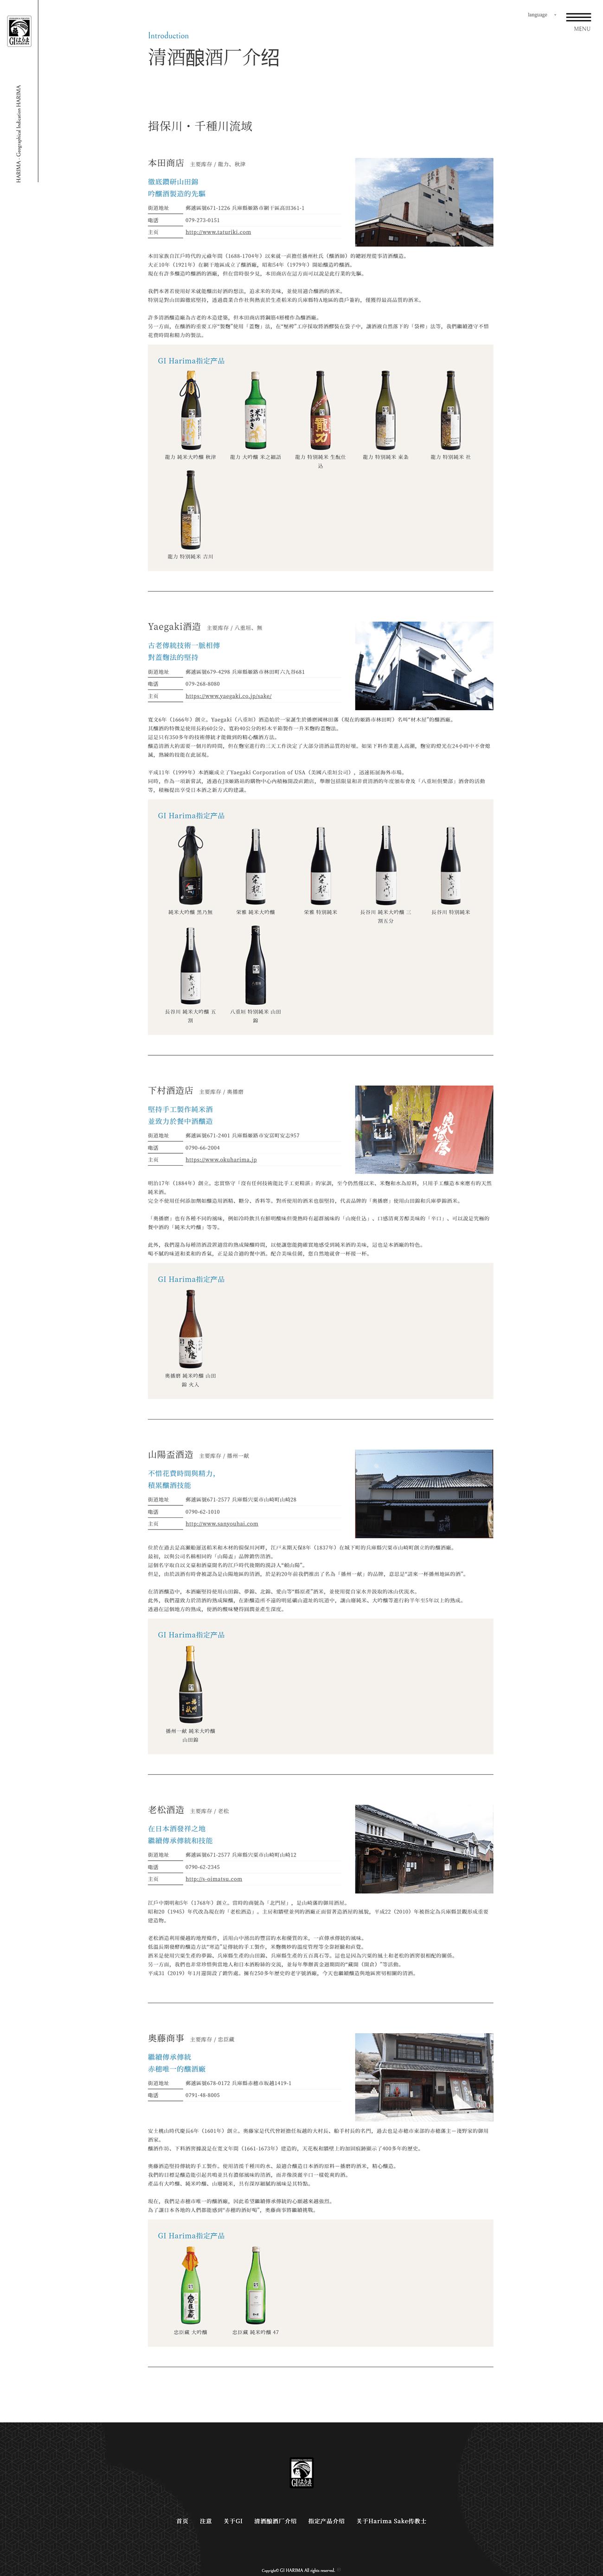 GIはりま(中国語 簡体字版サイト) ホームページ制作2